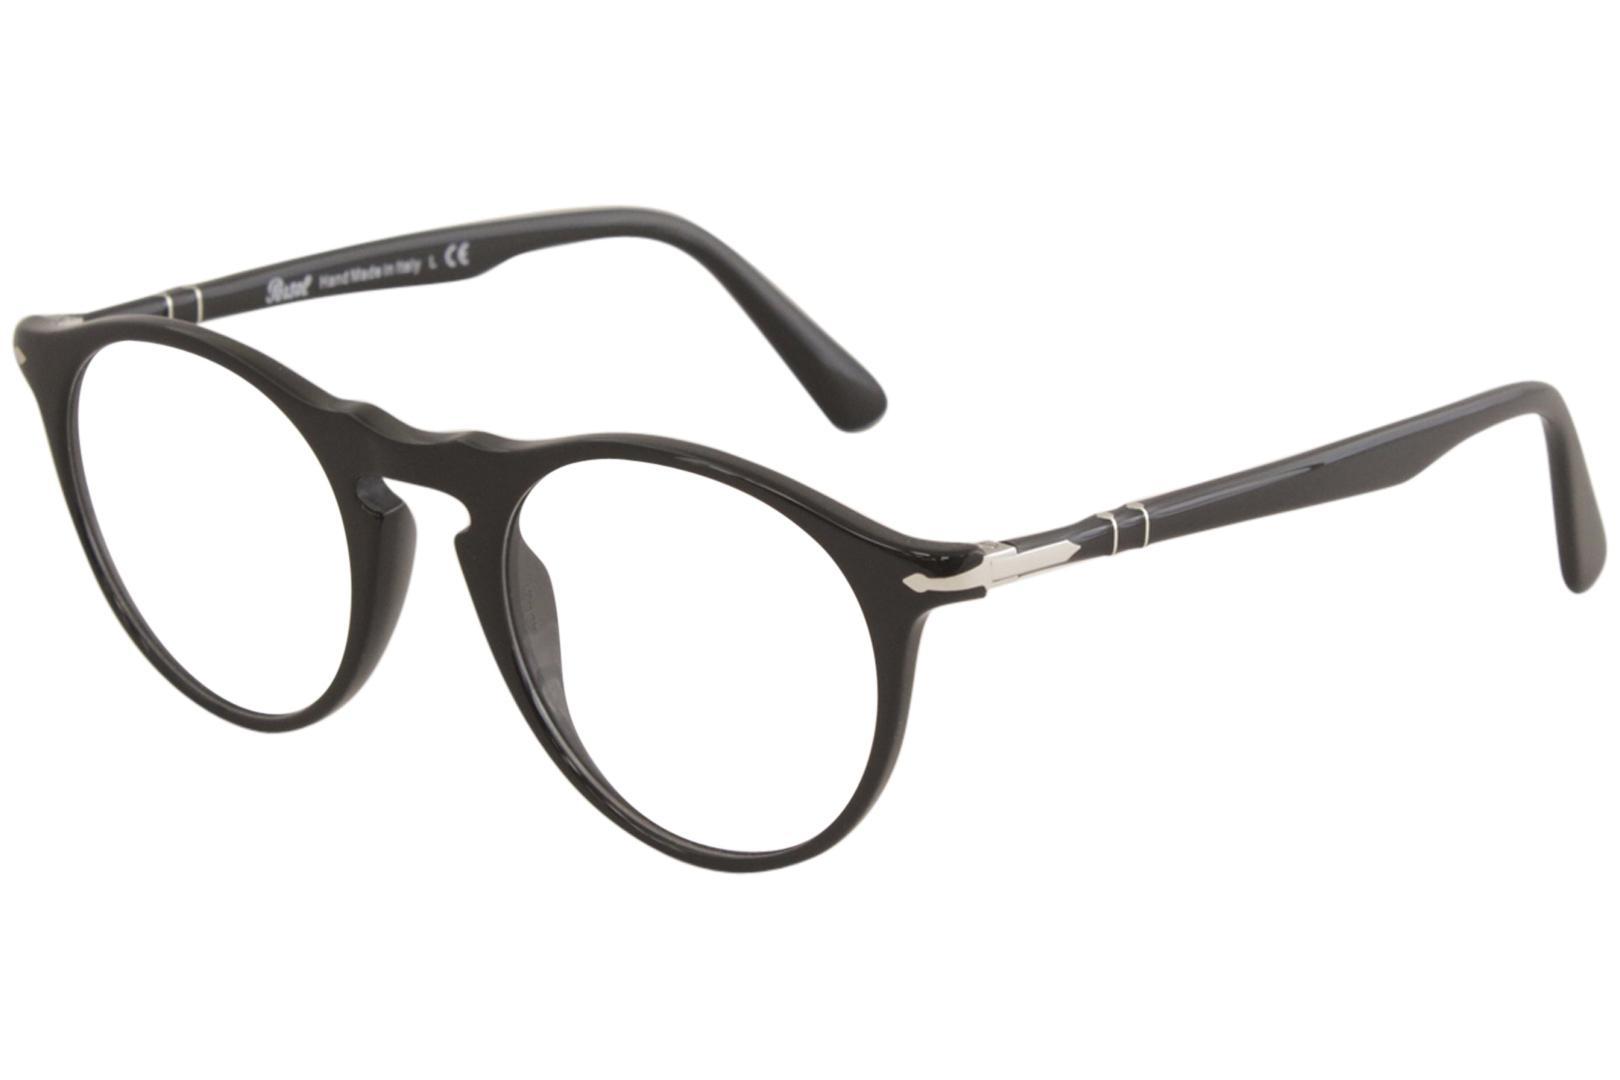 2dd0630f3bc71 Persol Women s Eyeglasses PO3201V PO 3201 V 95 Black Full Rim ...